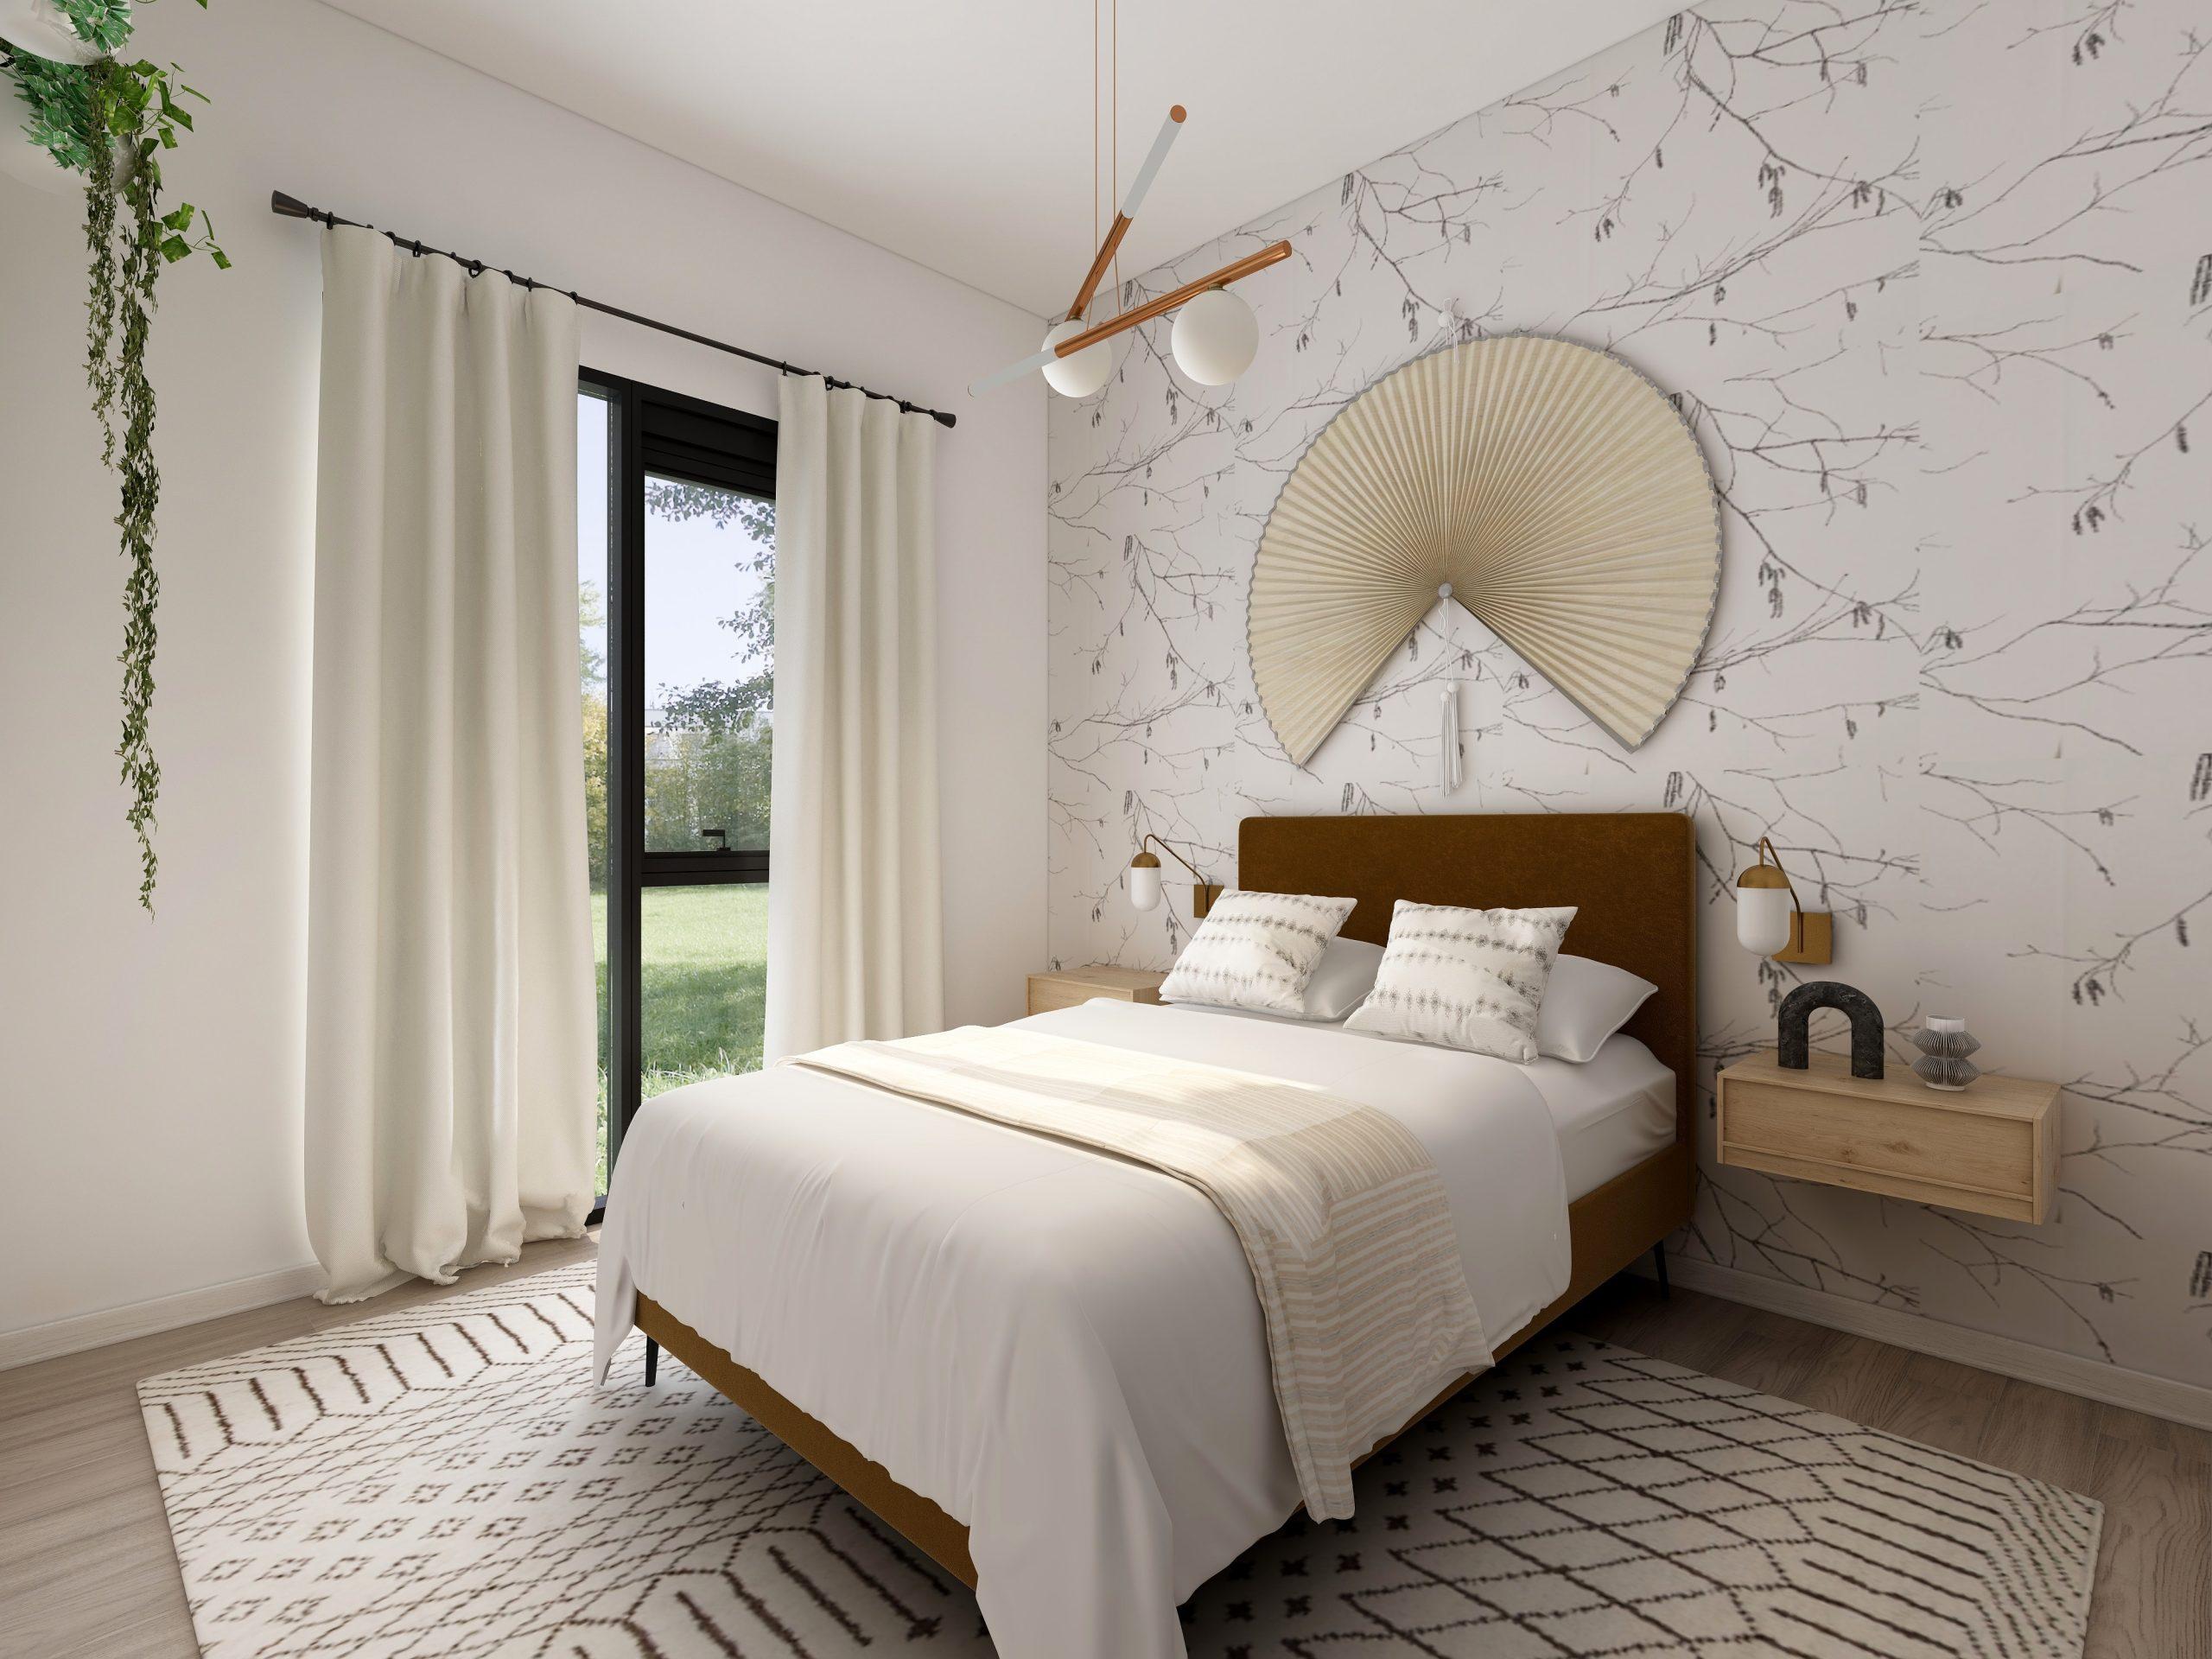 Imagem de um quarto decorado com papel de parede.